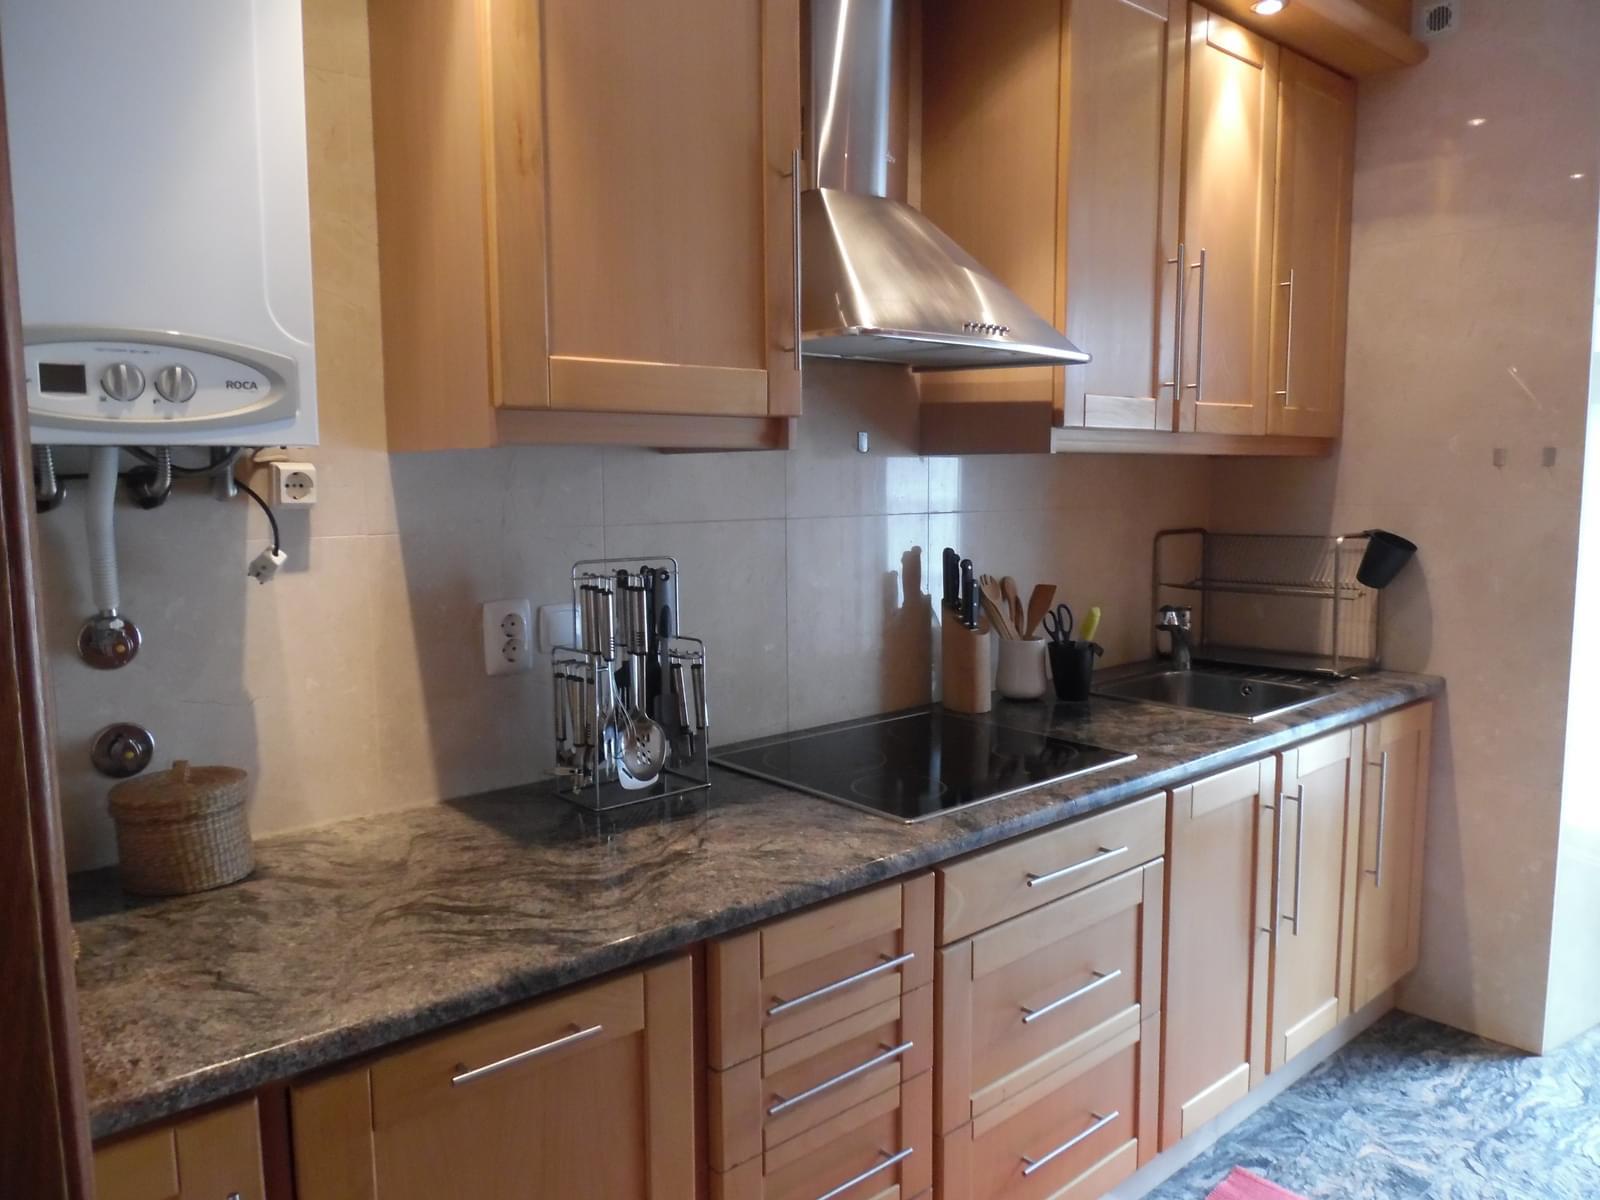 pf16905-apartamento-t1-lisboa-b4a40f24-cc49-4397-9d70-1c79b3d0fa9d